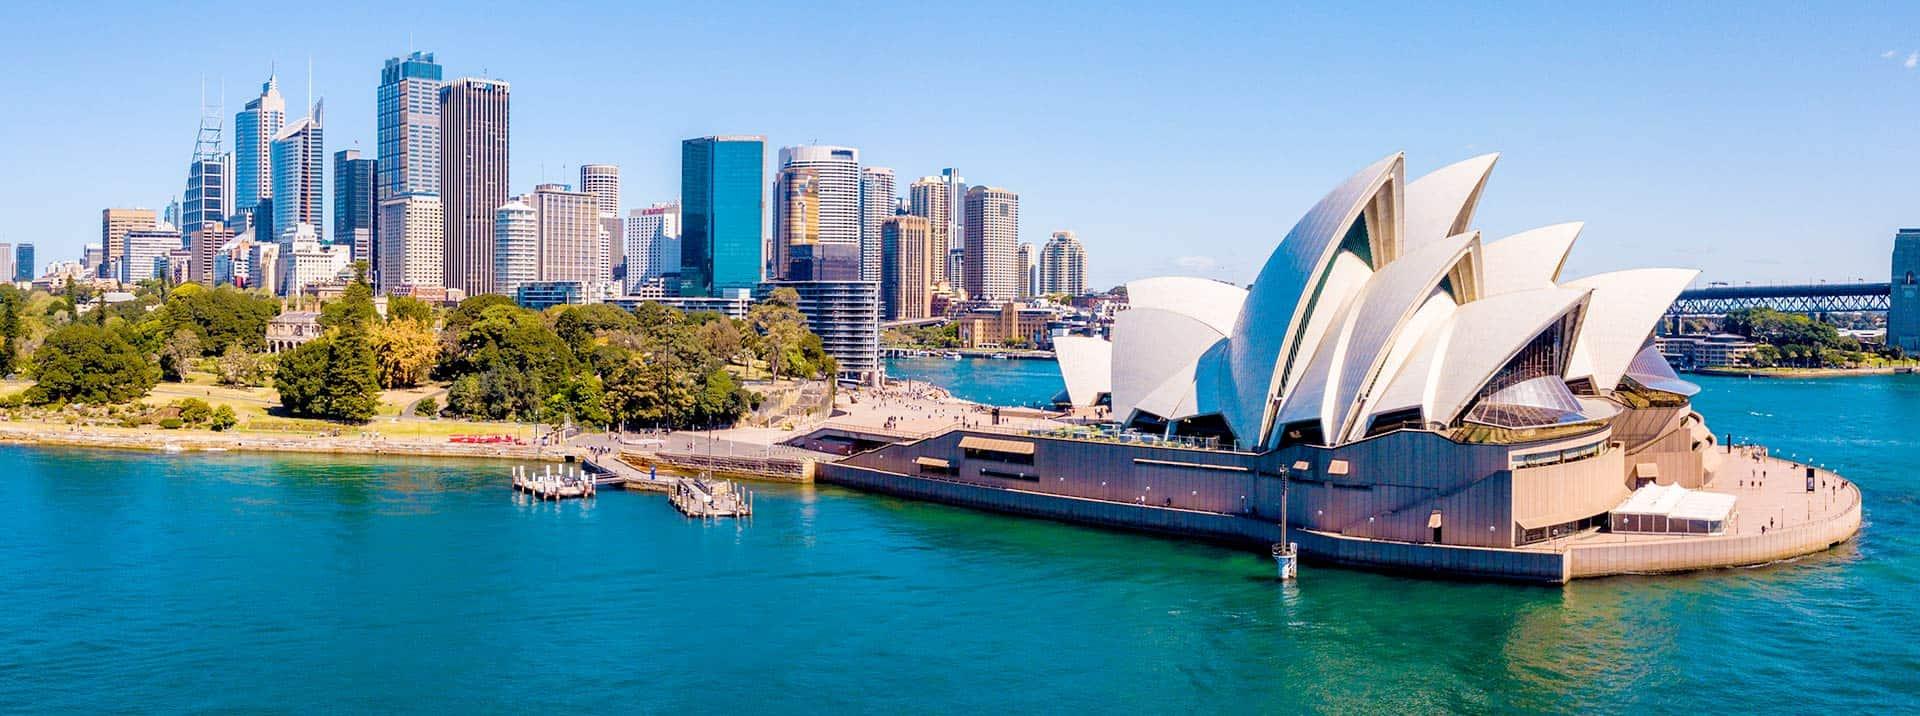 Featured-Image_Australia